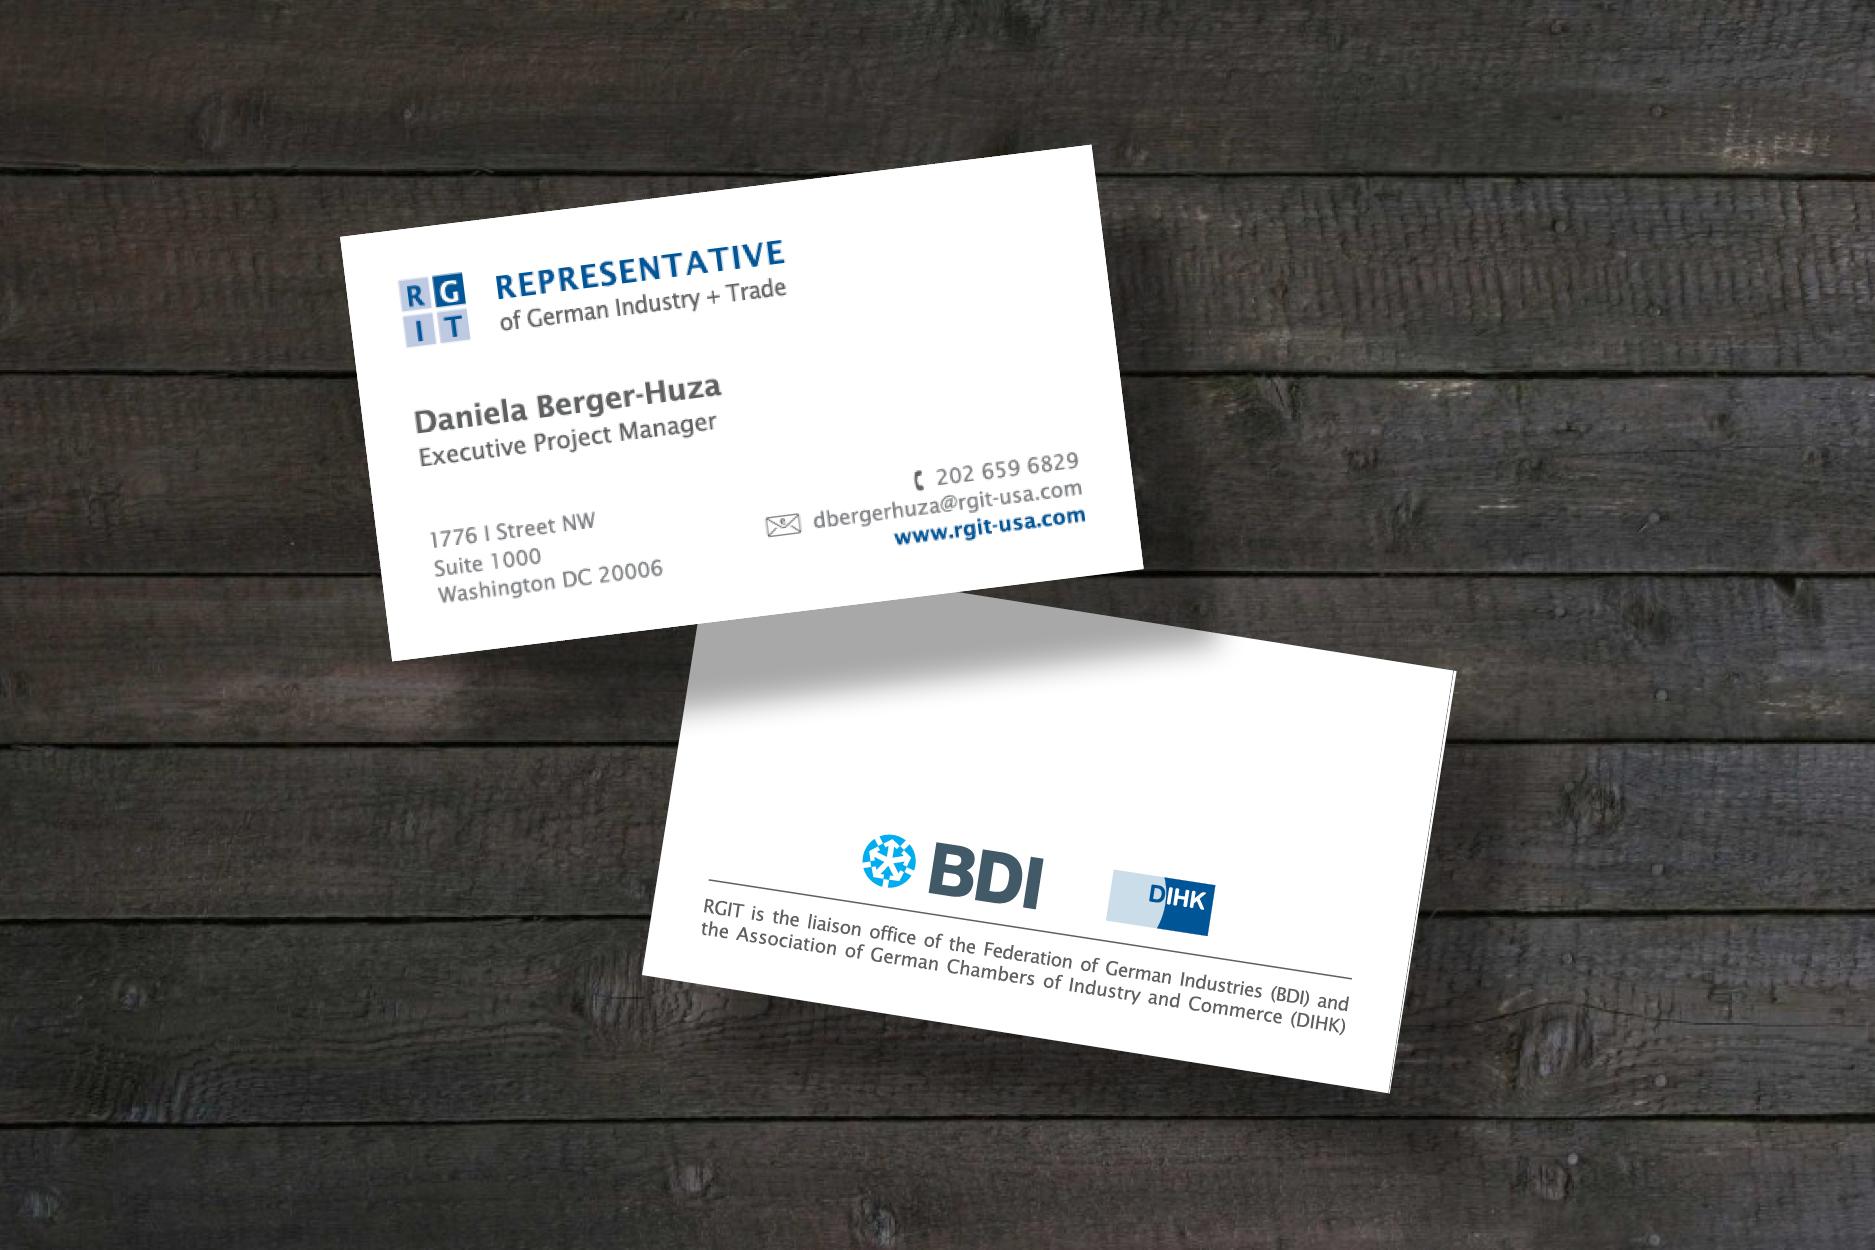 RGIT – Representative of German Industry Trade Aram Designs